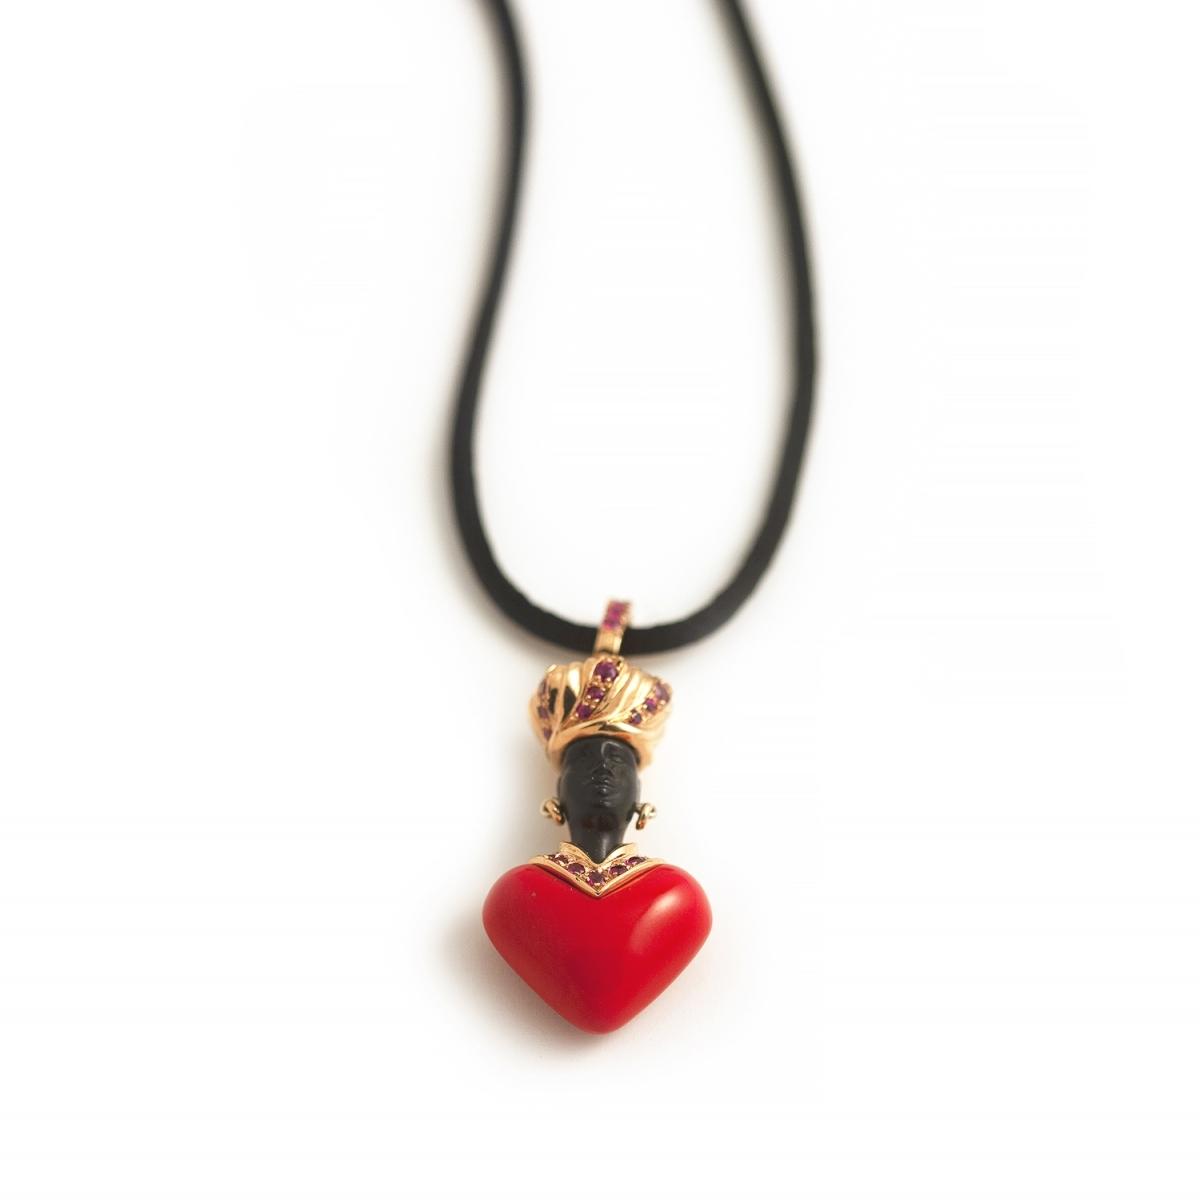 Amoretto pendant